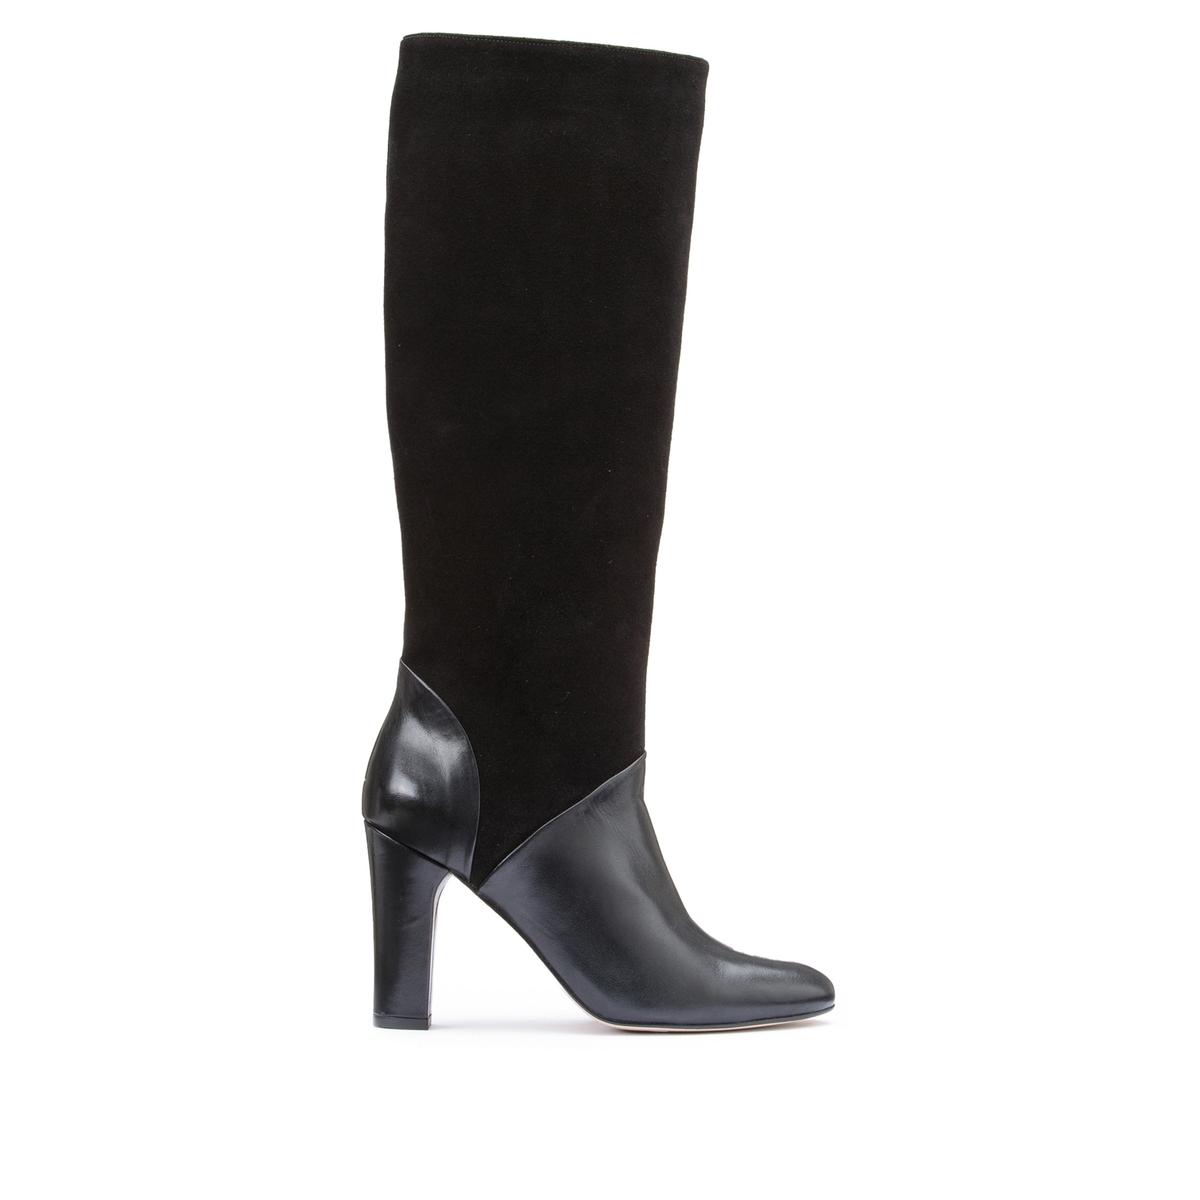 цена Сапоги La Redoute Из двух материалов с кожей на высоком каблуке 41 черный онлайн в 2017 году